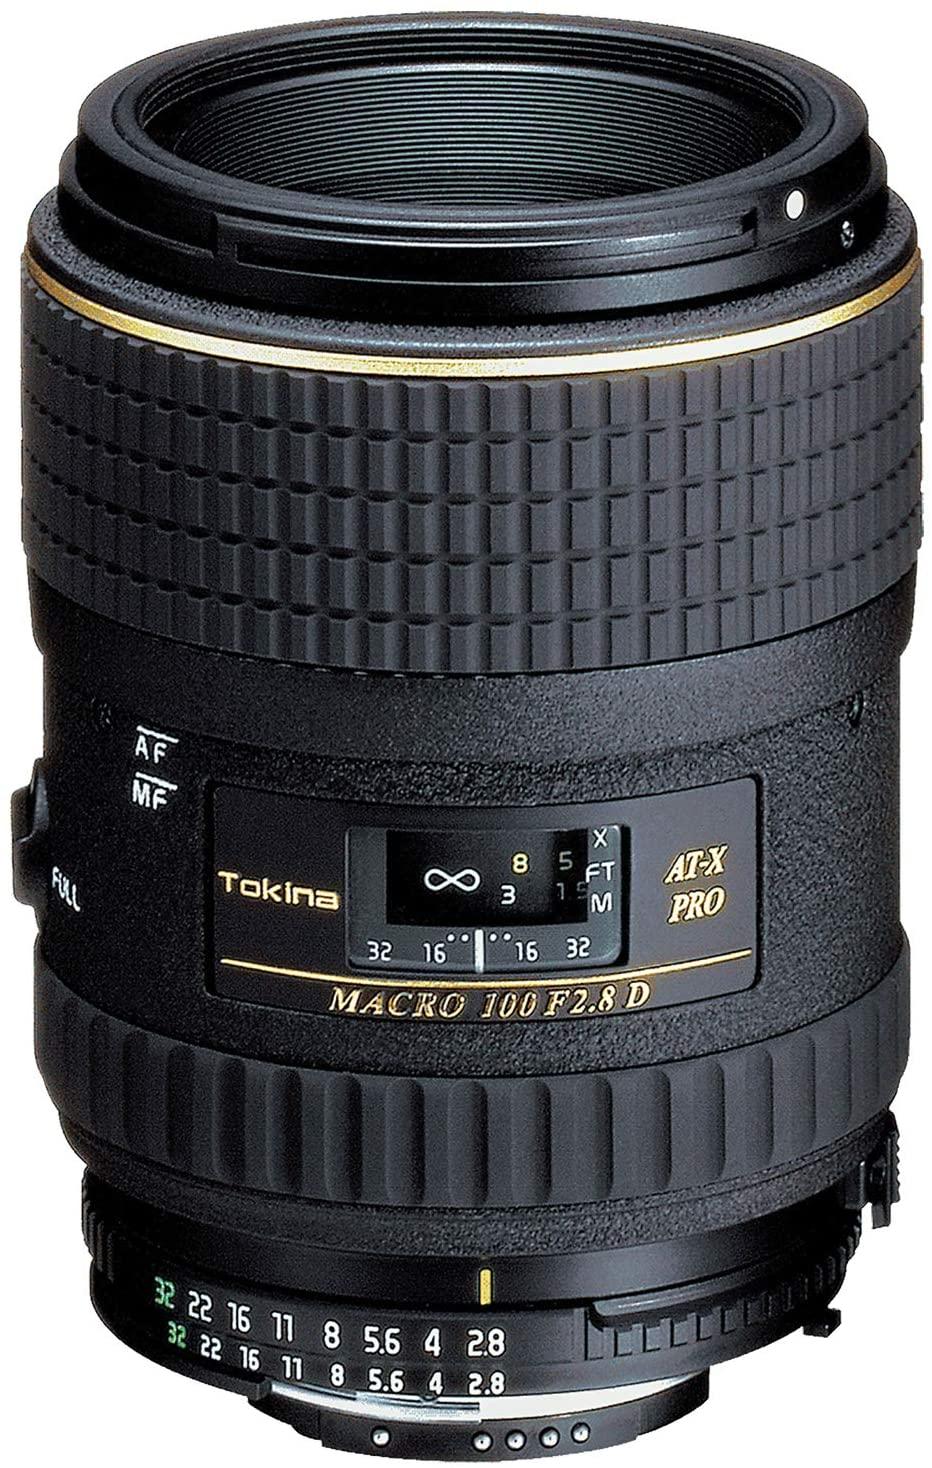 Best lens for the money